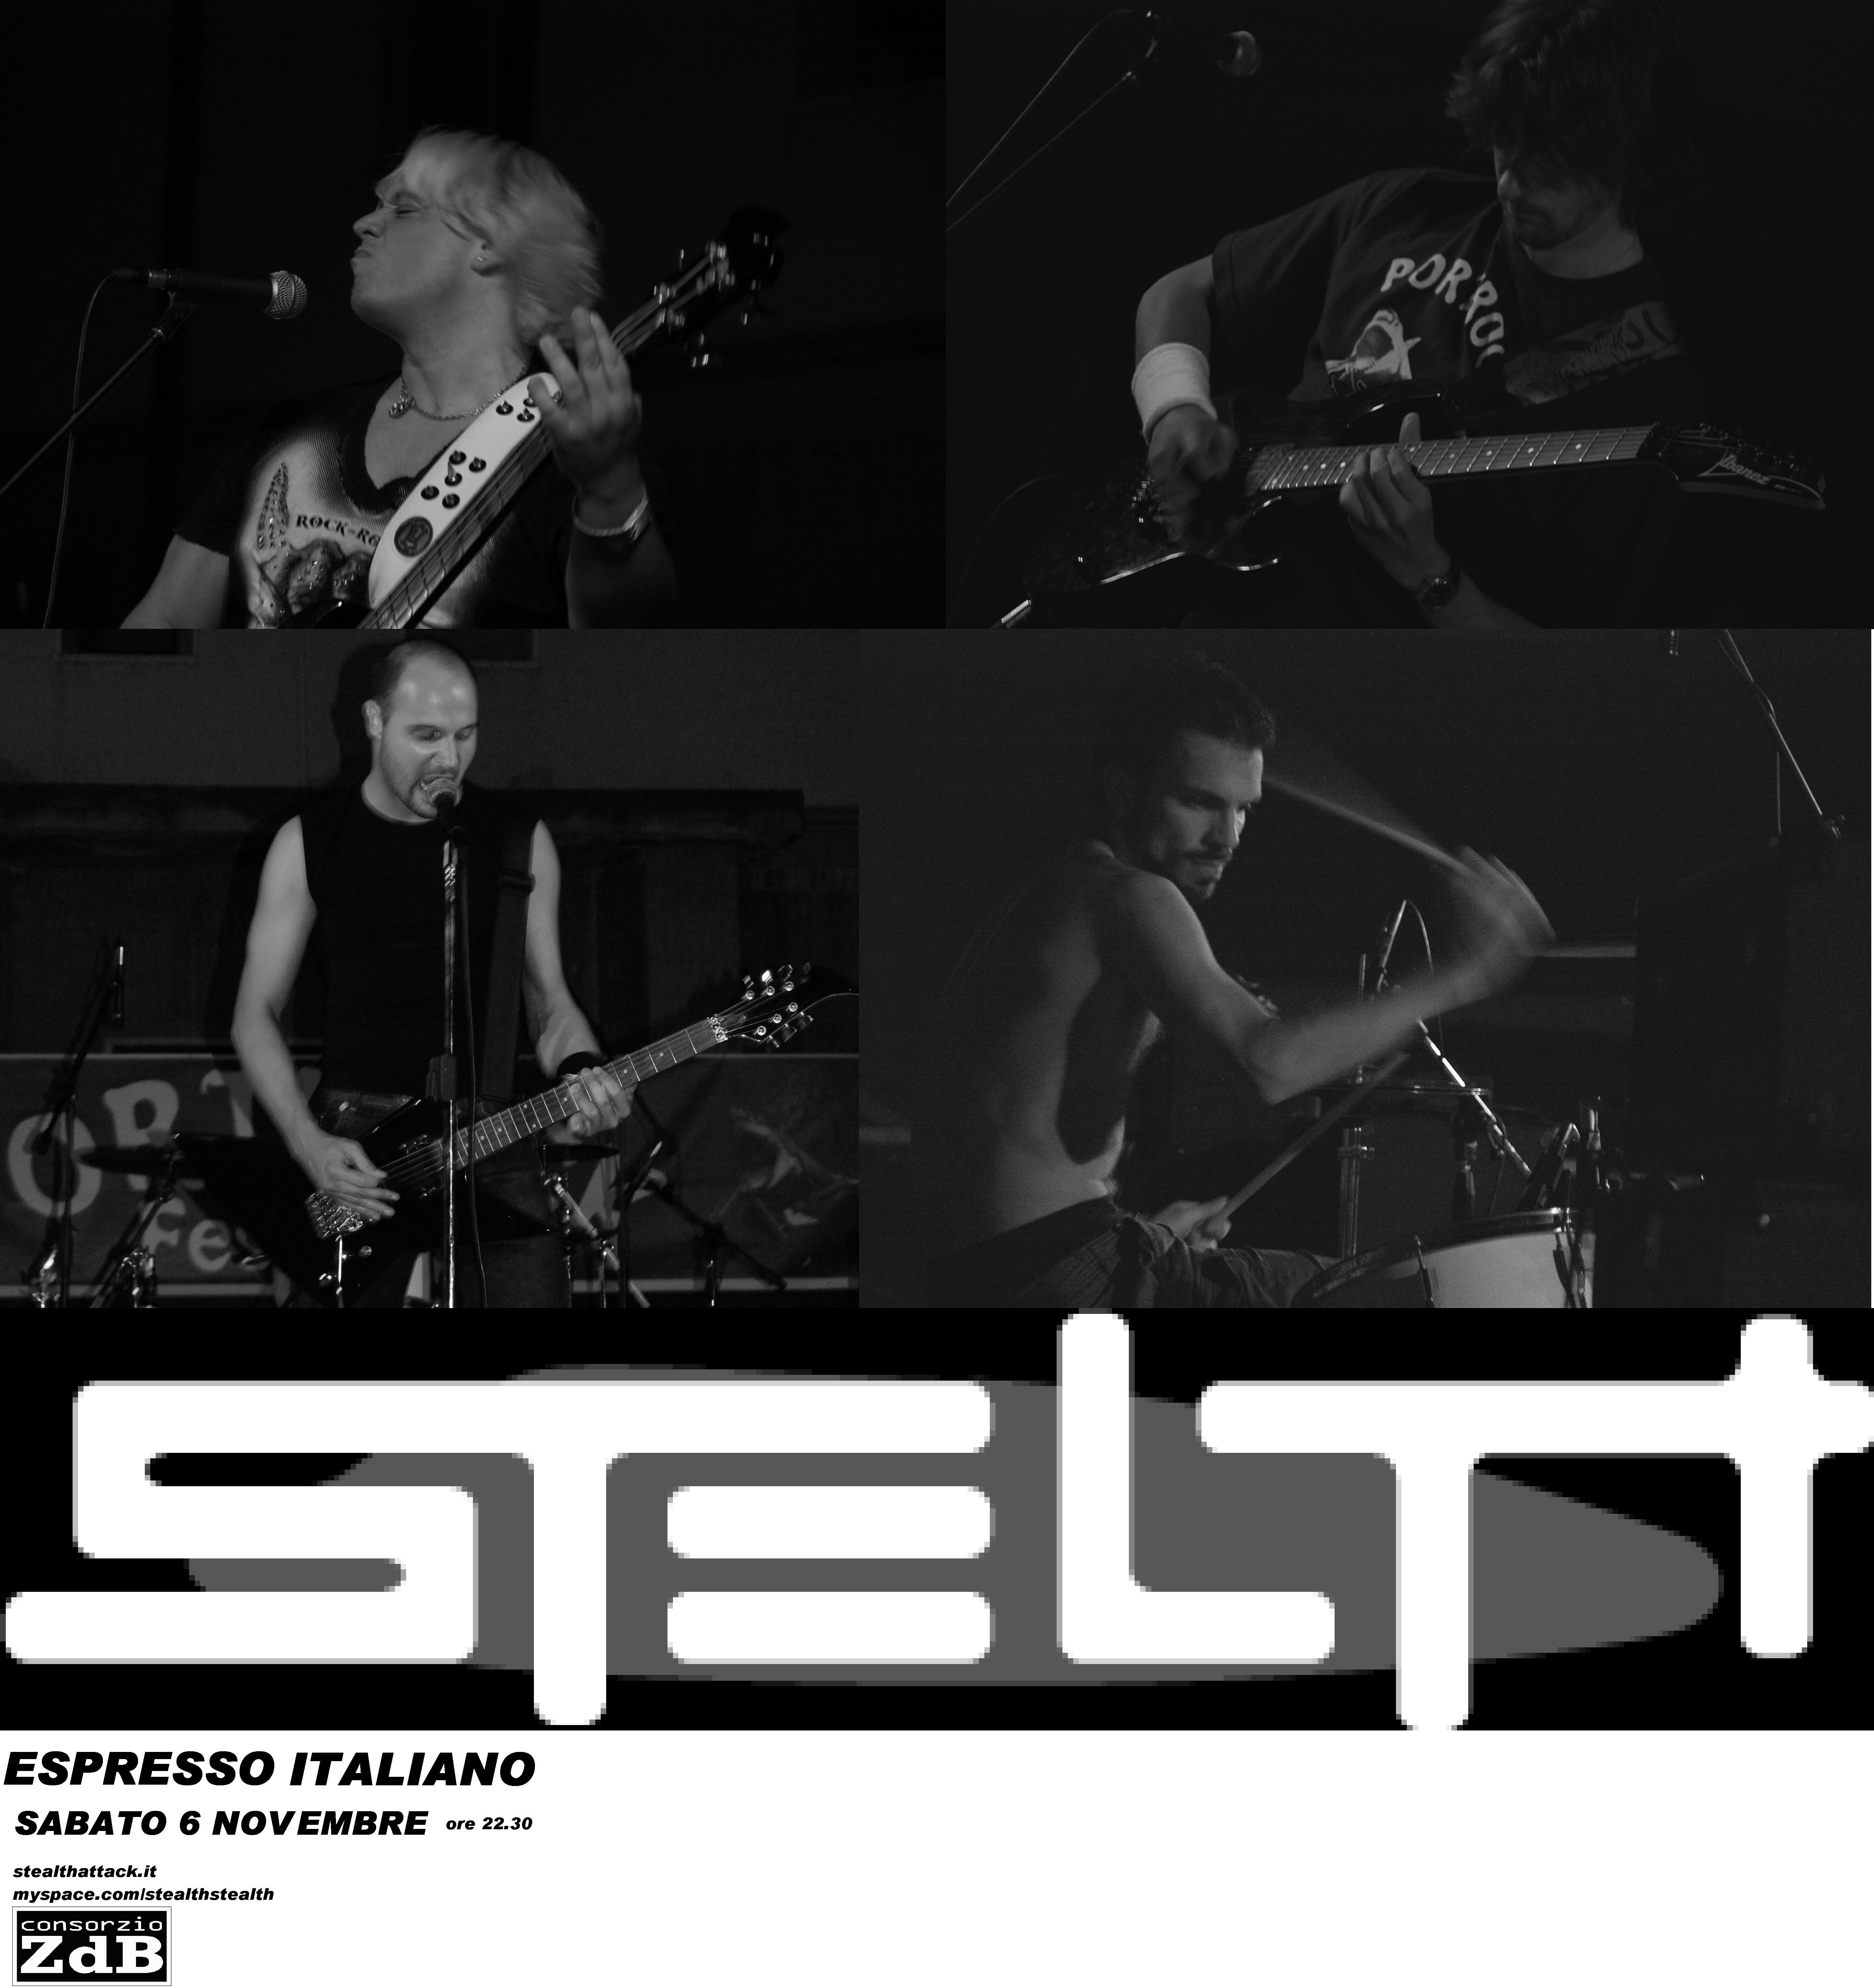 Live@Espresso Italiano, Marche, Italy -  6.11.2010